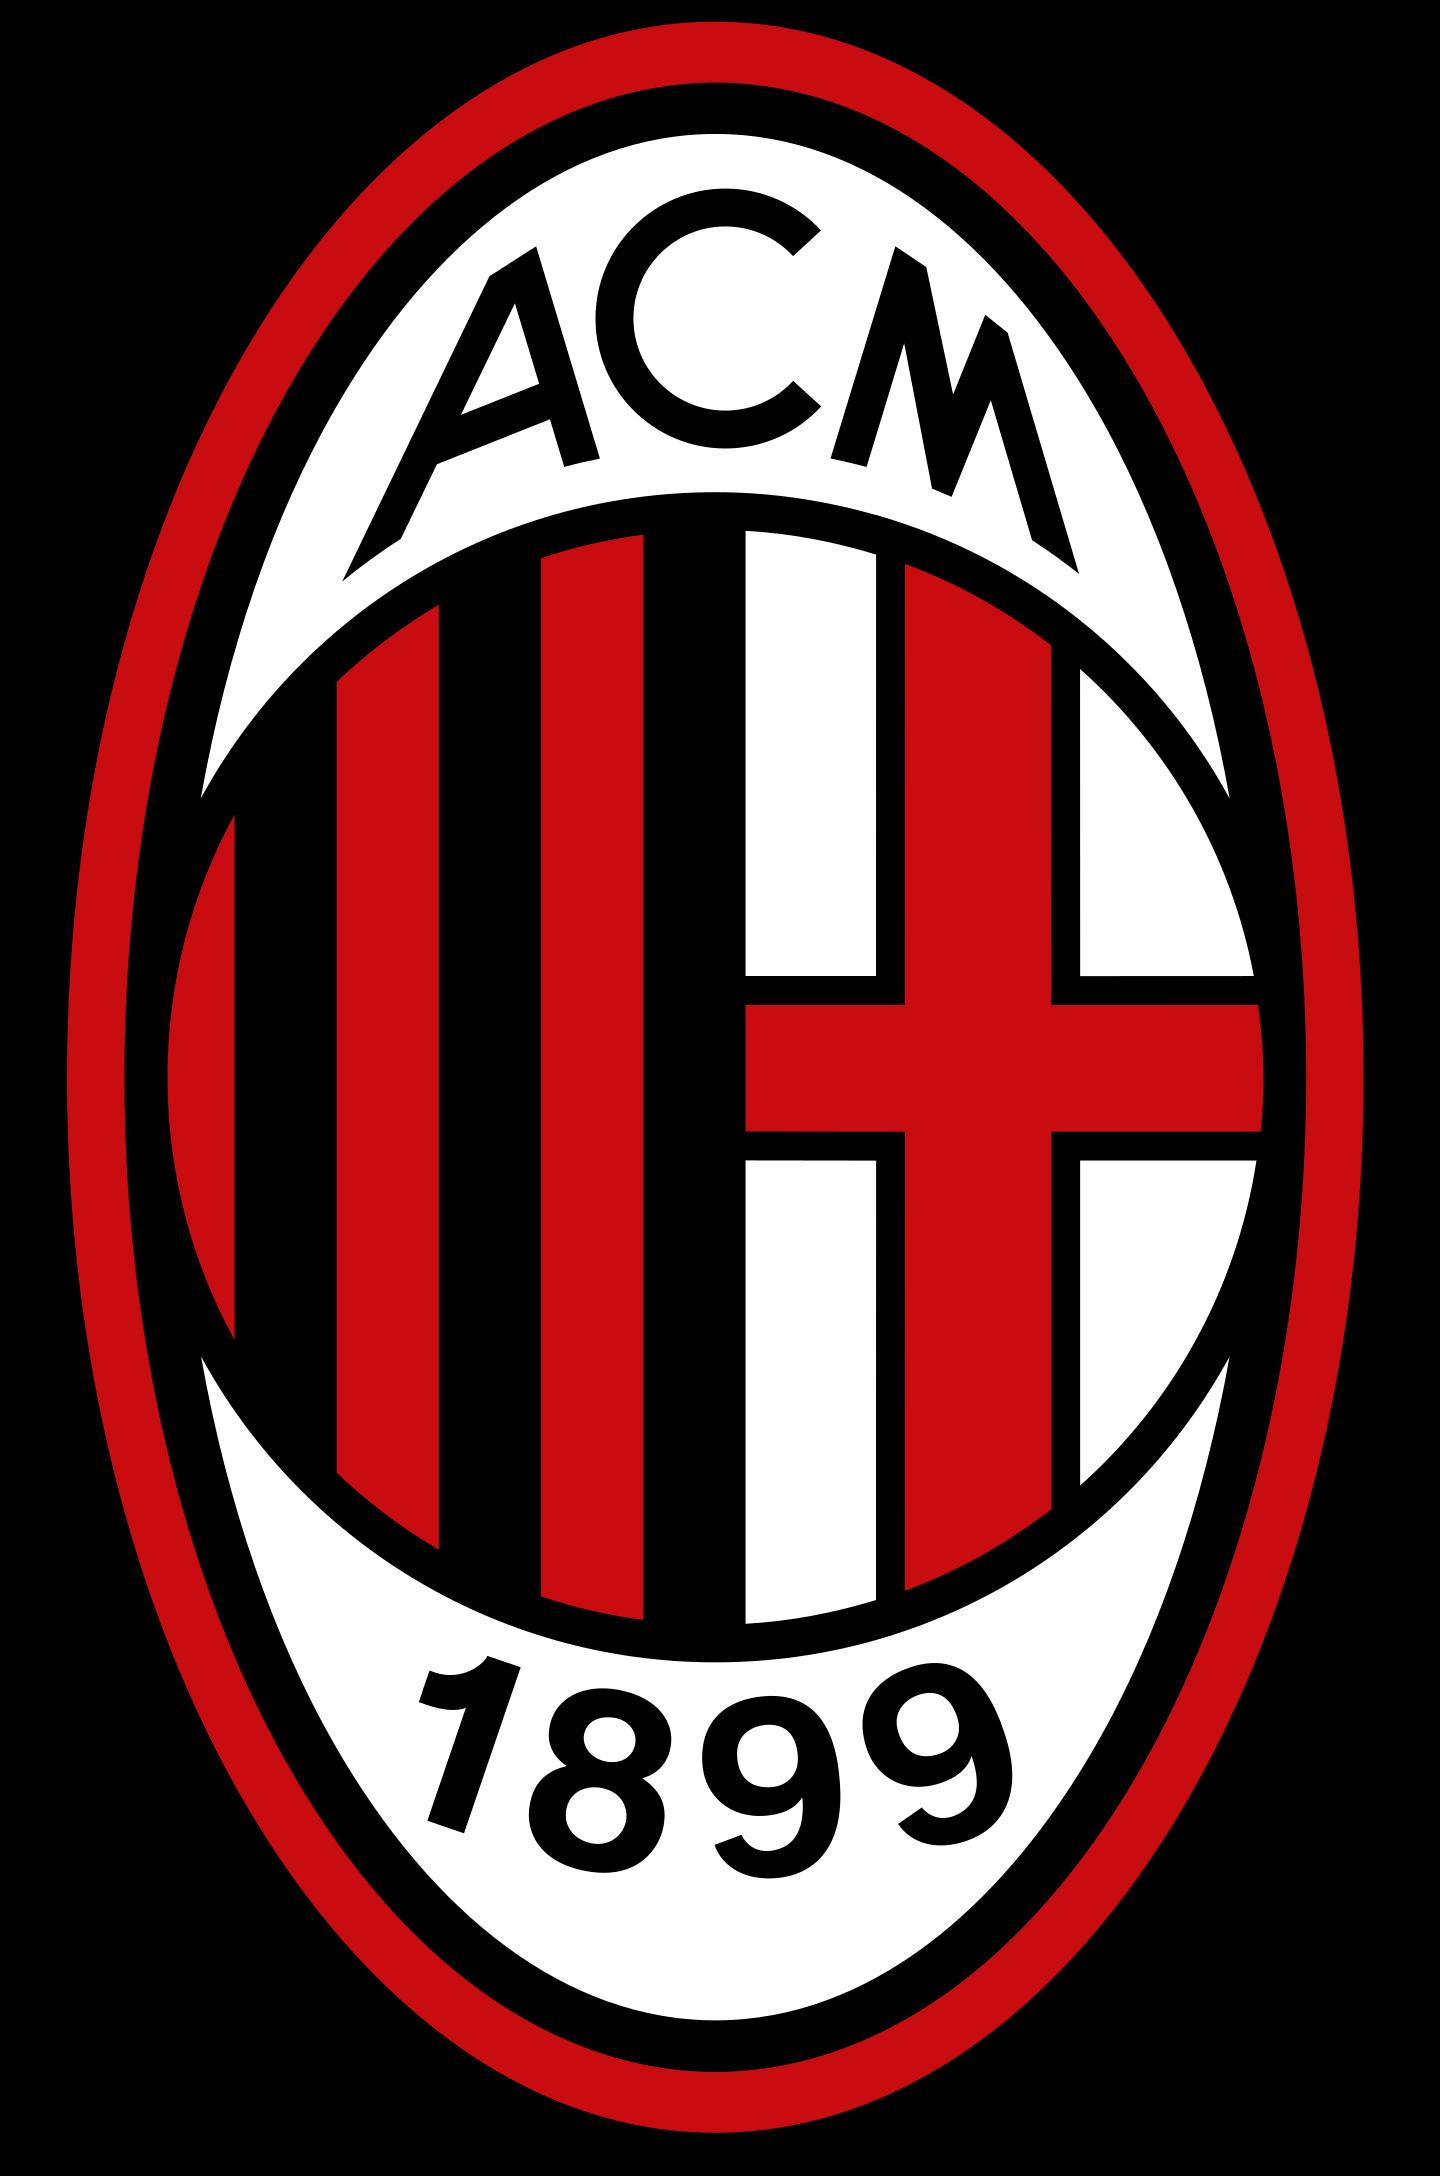 ac milan logo 2 - AC Milan Logo